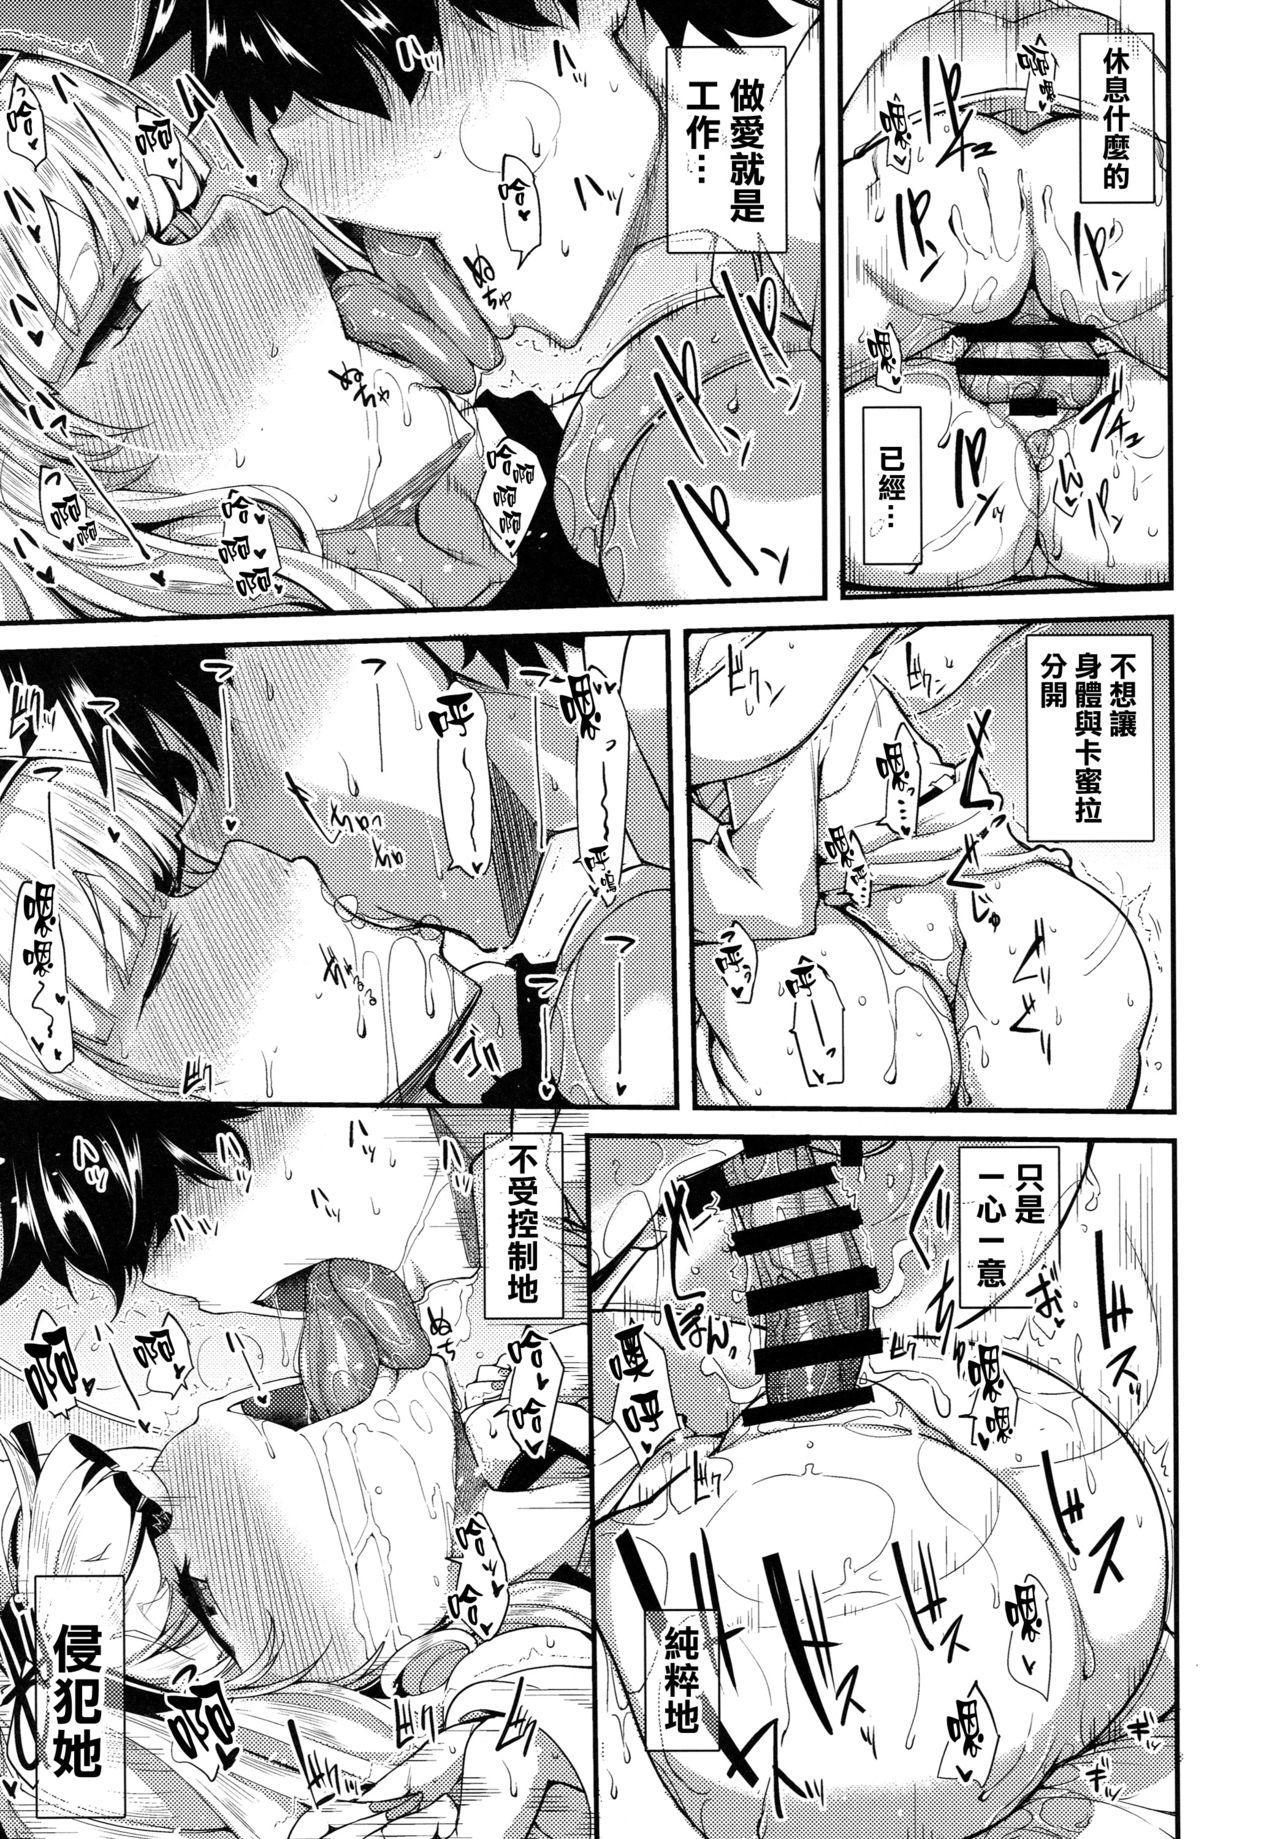 Carmilla-san to Sugosu Kyuujitsu wa Yasumenai. 6